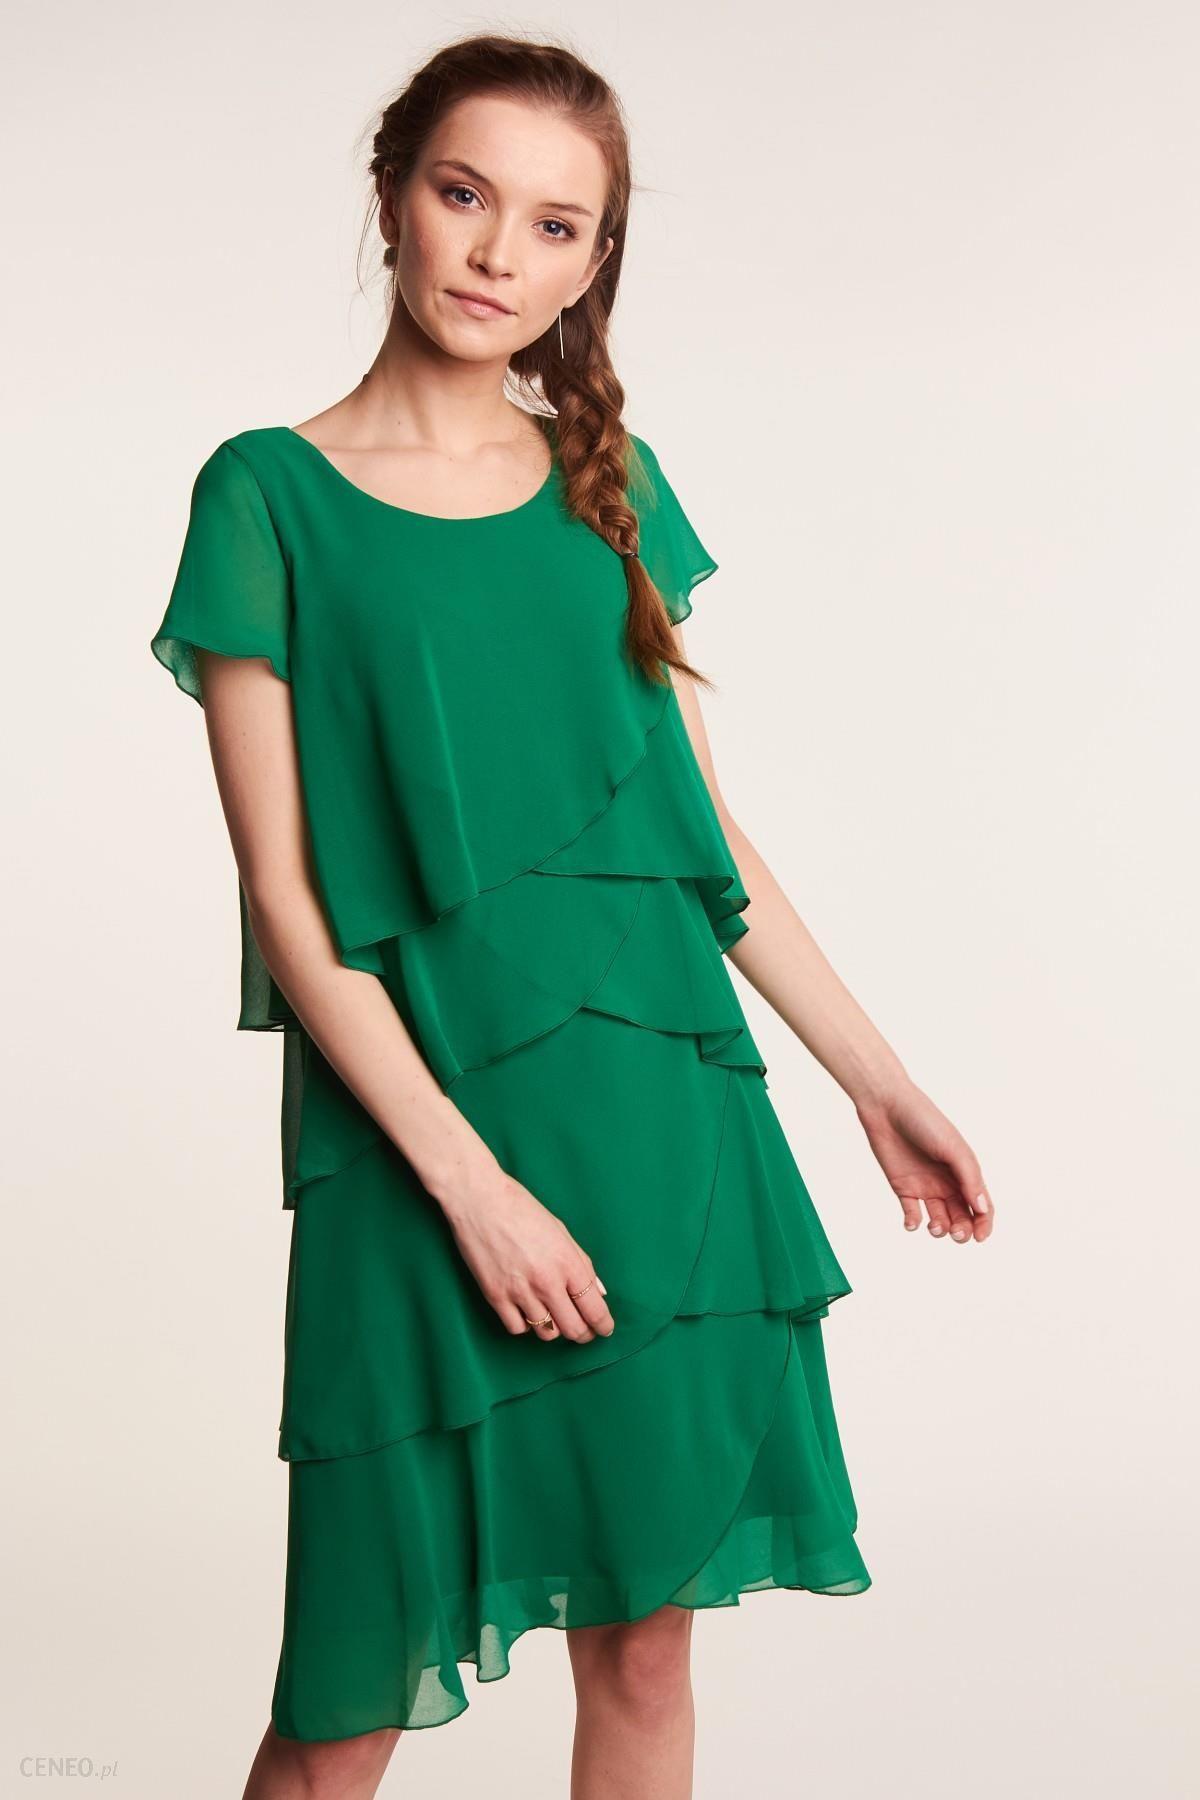 d12cbce735 Zielona sukienka z falbankami - Ceny i opinie - Ceneo.pl